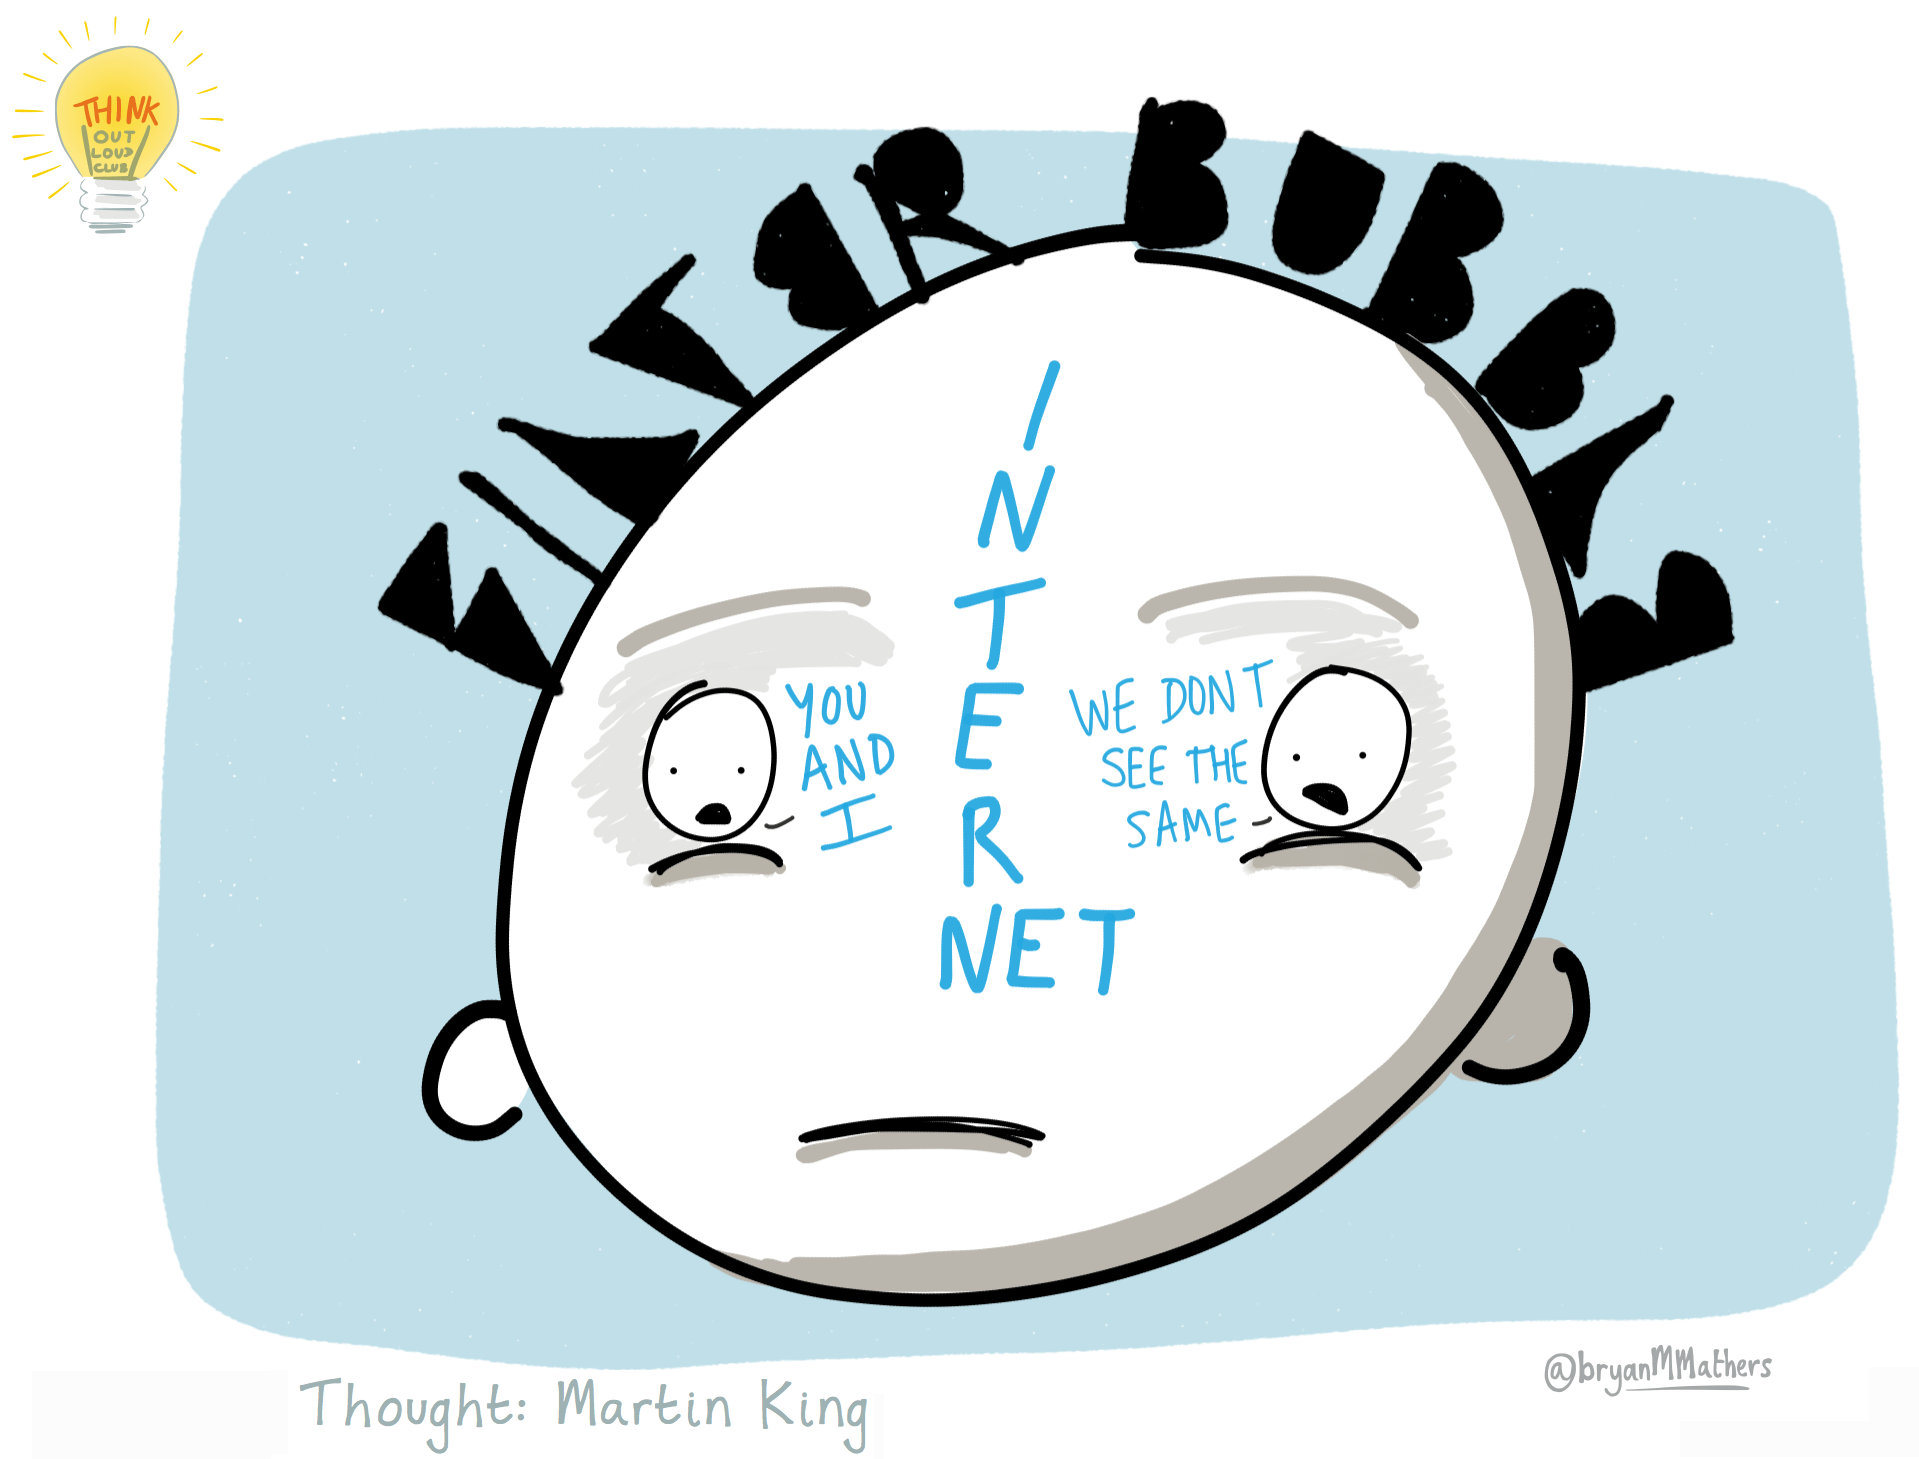 1. kép -- Nem ugyanazt látjuk (Forrás: http://bryanmmathers.com/filter-bubble/)